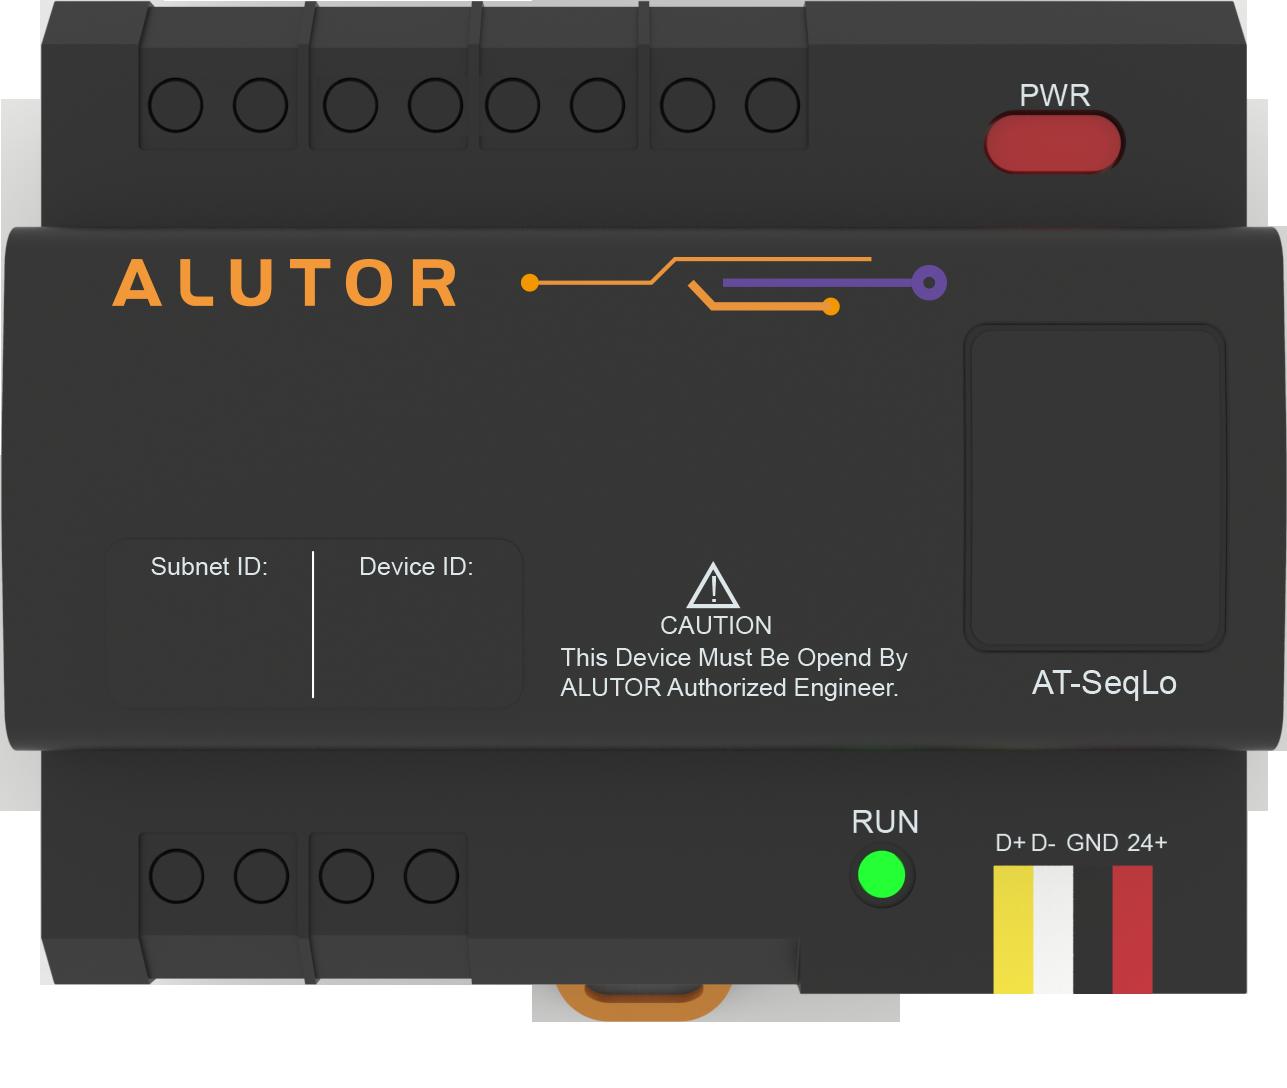 阿尔尤特AT-SeqLo时序逻辑控制器智能照明时序控制器逻辑控制器条件控制器